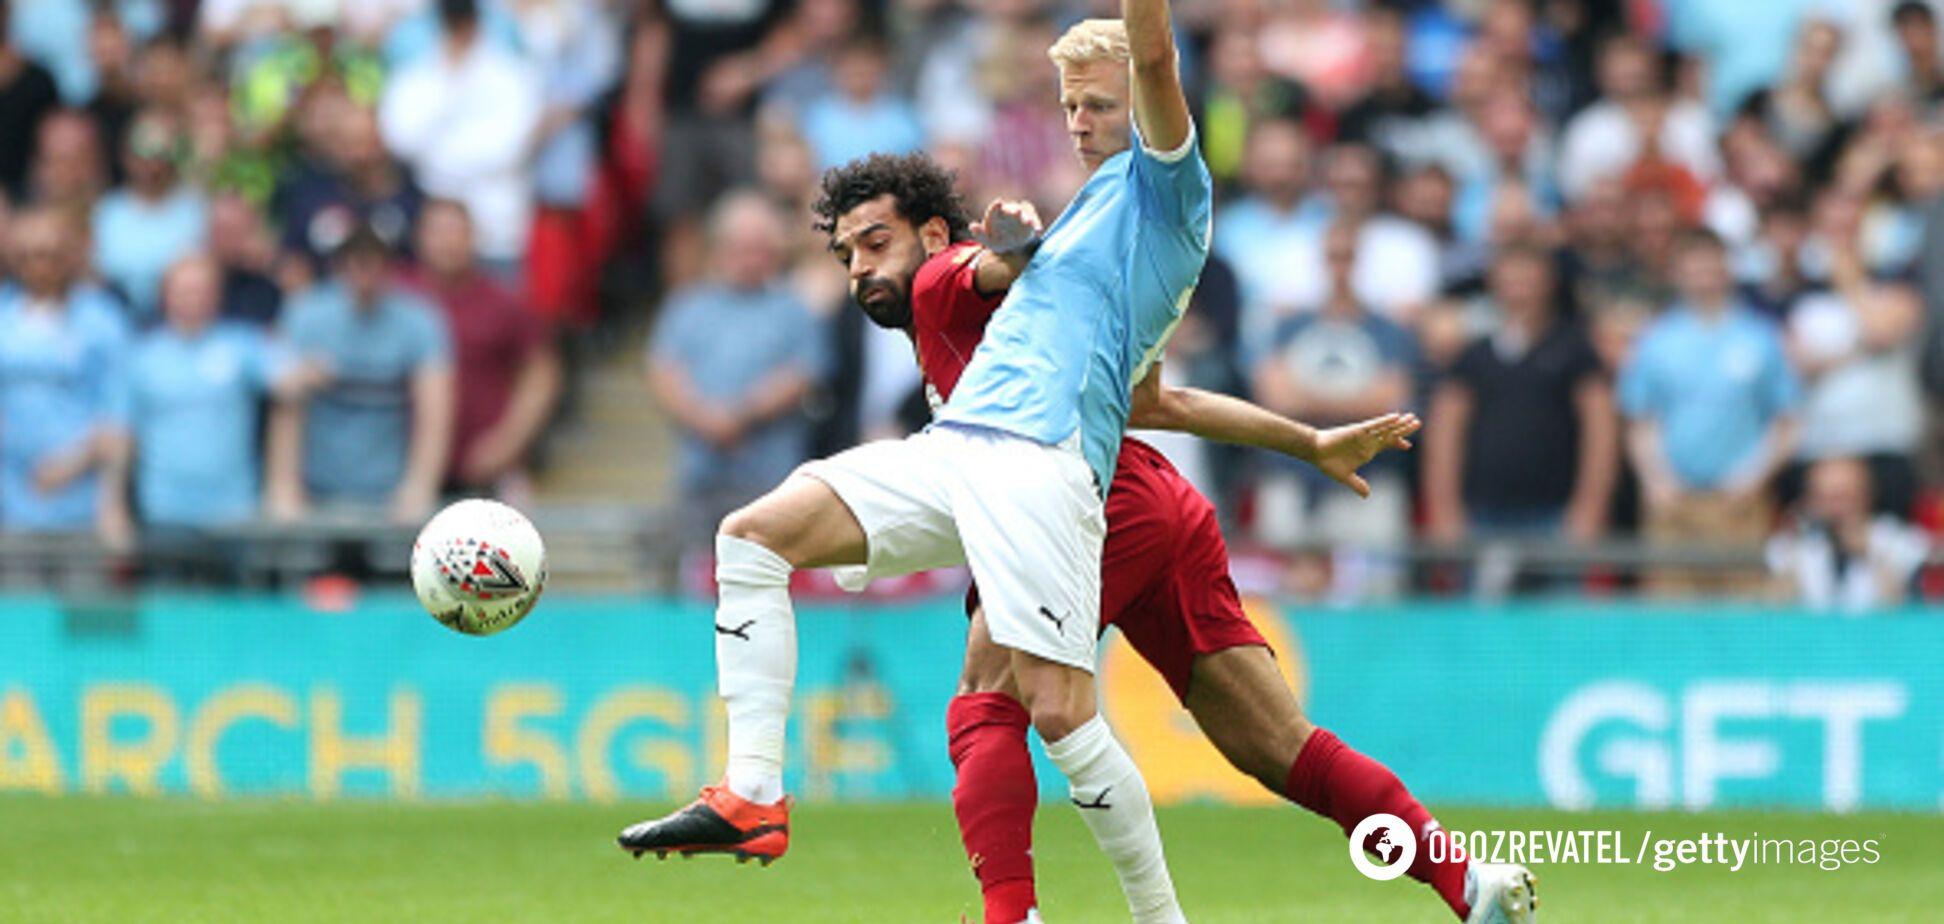 Украинец Зинченко забил пенальти и выиграл Суперкубок Англии